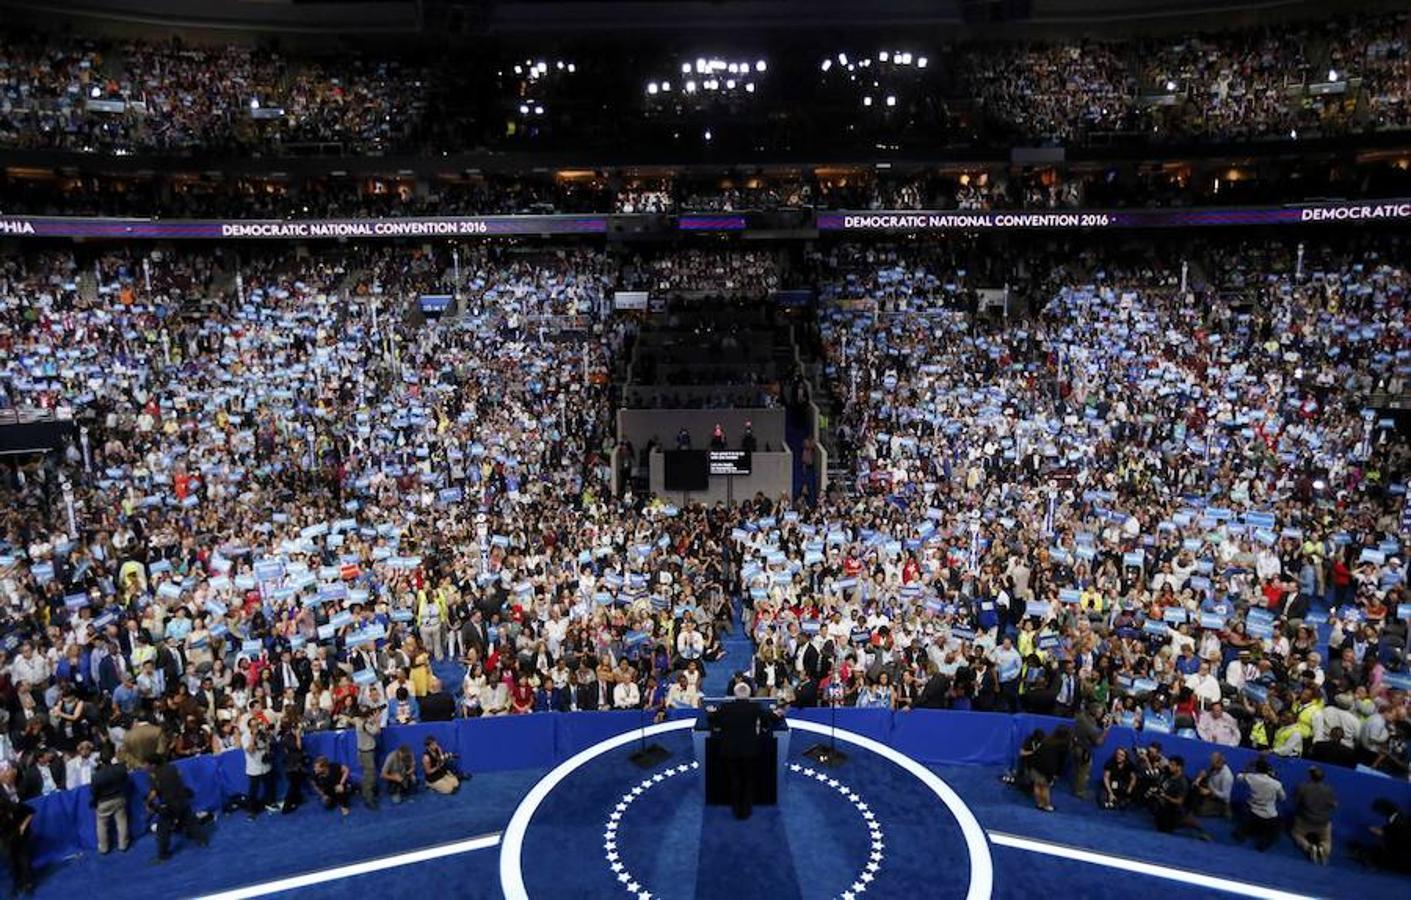 Las imágenes que nos deja la primera jornada de la convención del Partido Demócrata